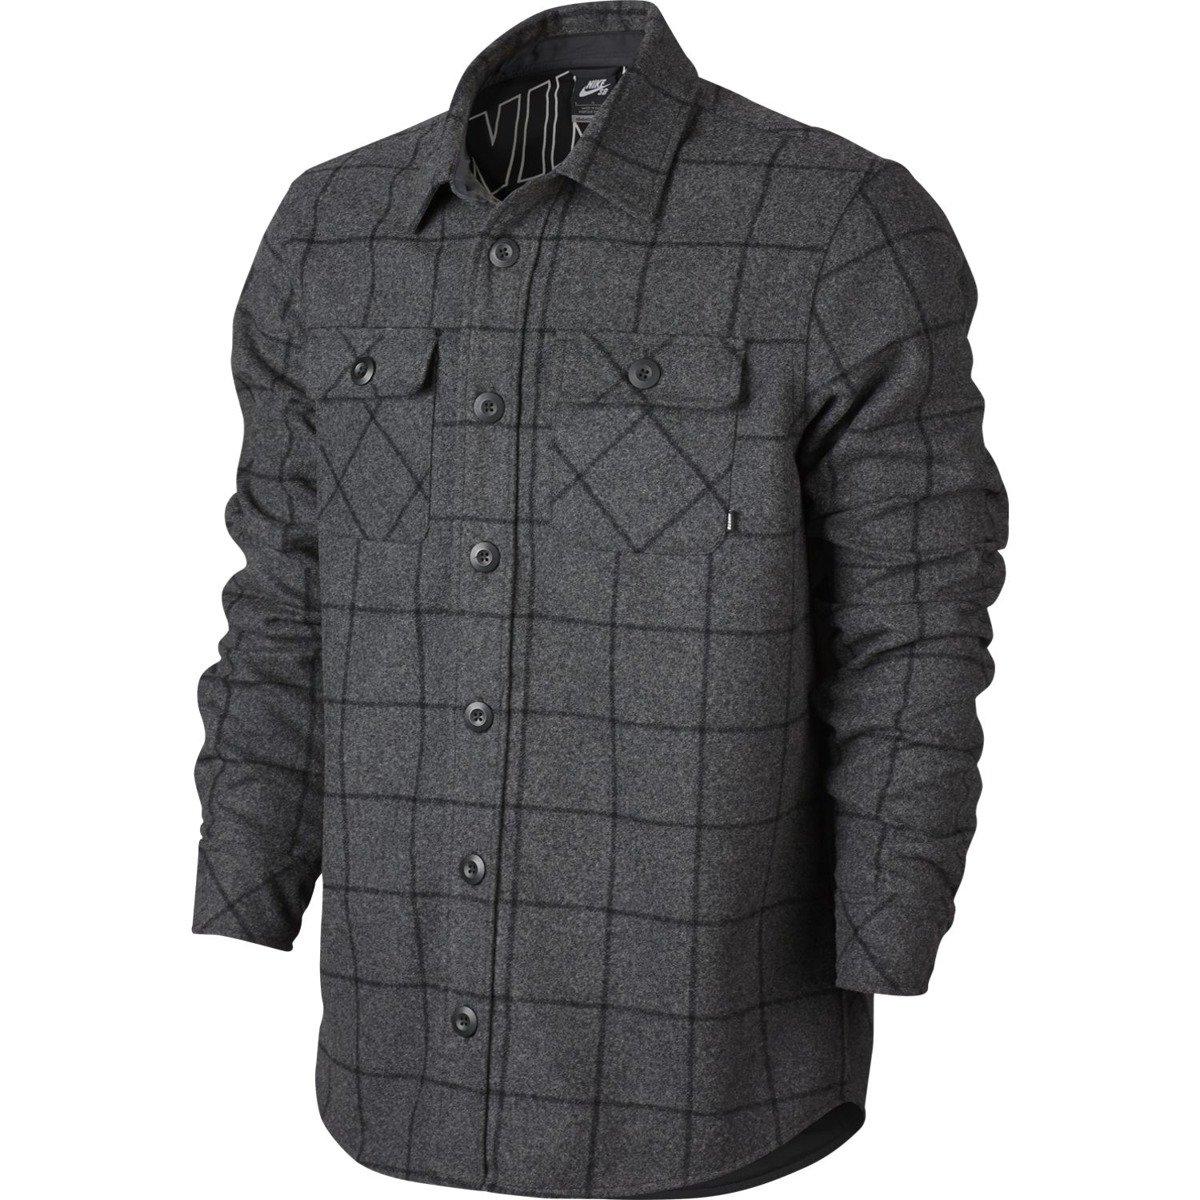 7eeba10db7b85 Koszula Nike SB Holgate Yarn Dye Wool Long-Sleeve Shirt Buffalo Charcoal  Heathr